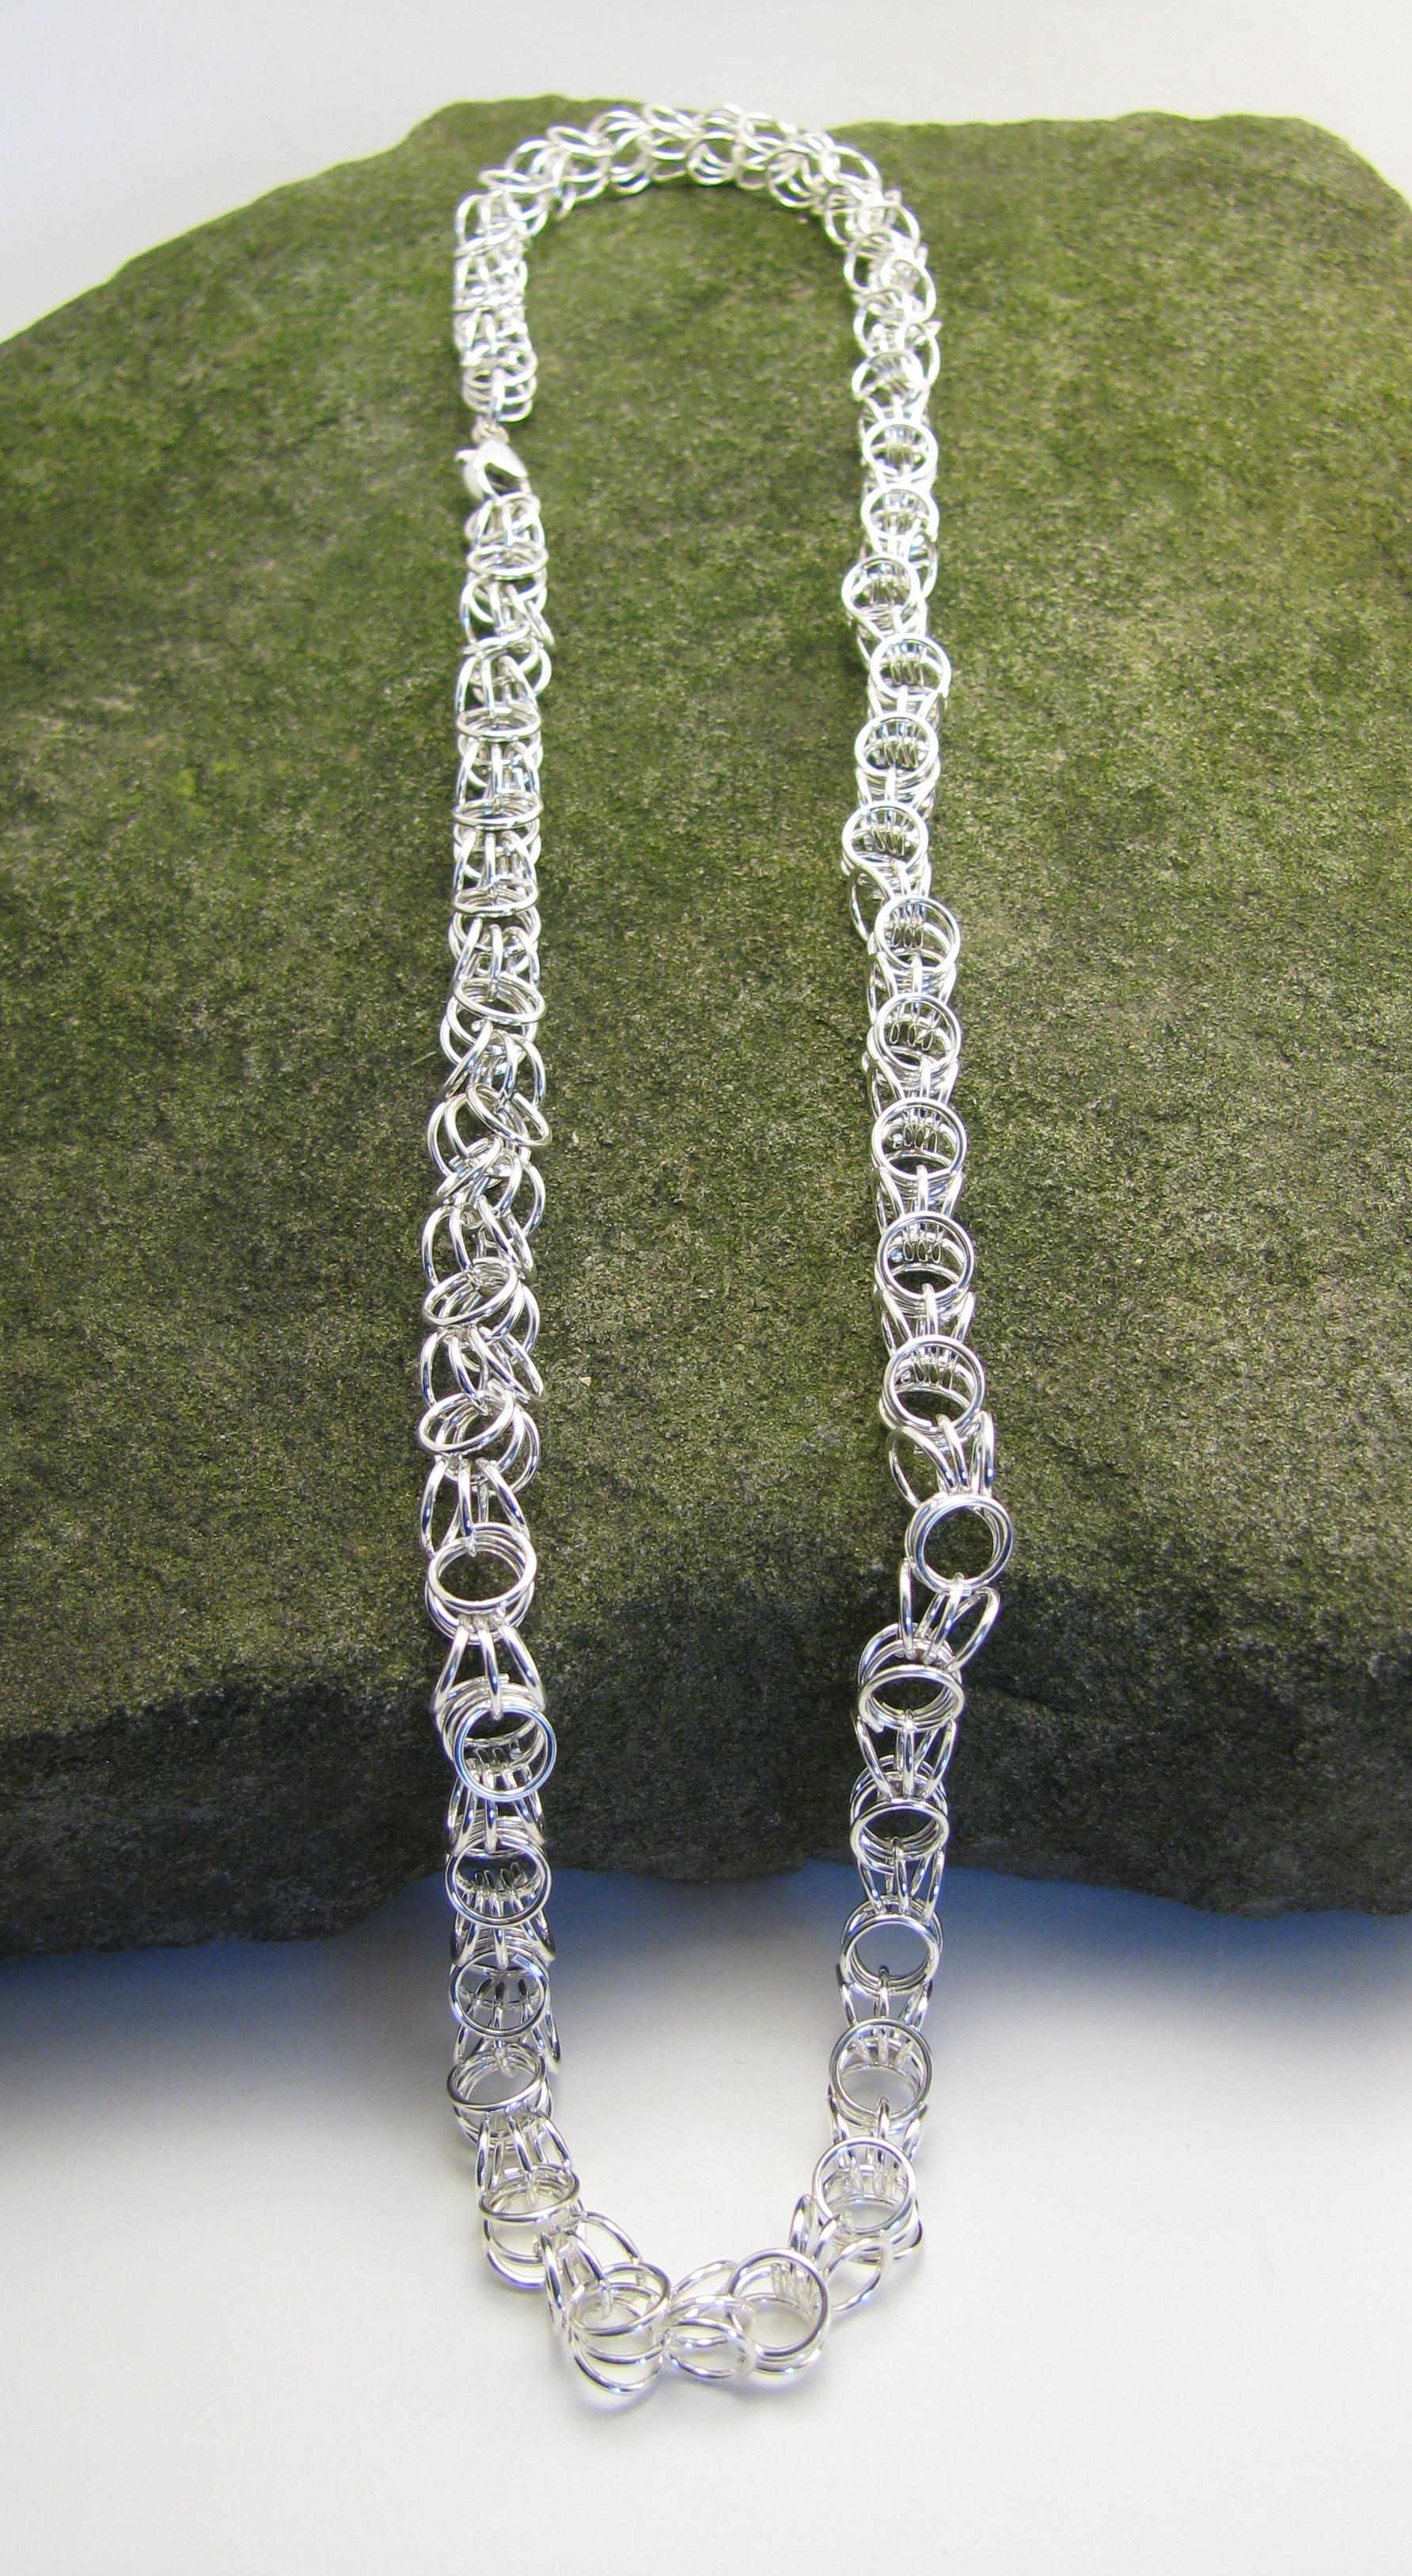 Eternal Knot Necklace ER4017-17-inch-180-ER4018 20 inch-208-ER4019 27 inch-264.jpg